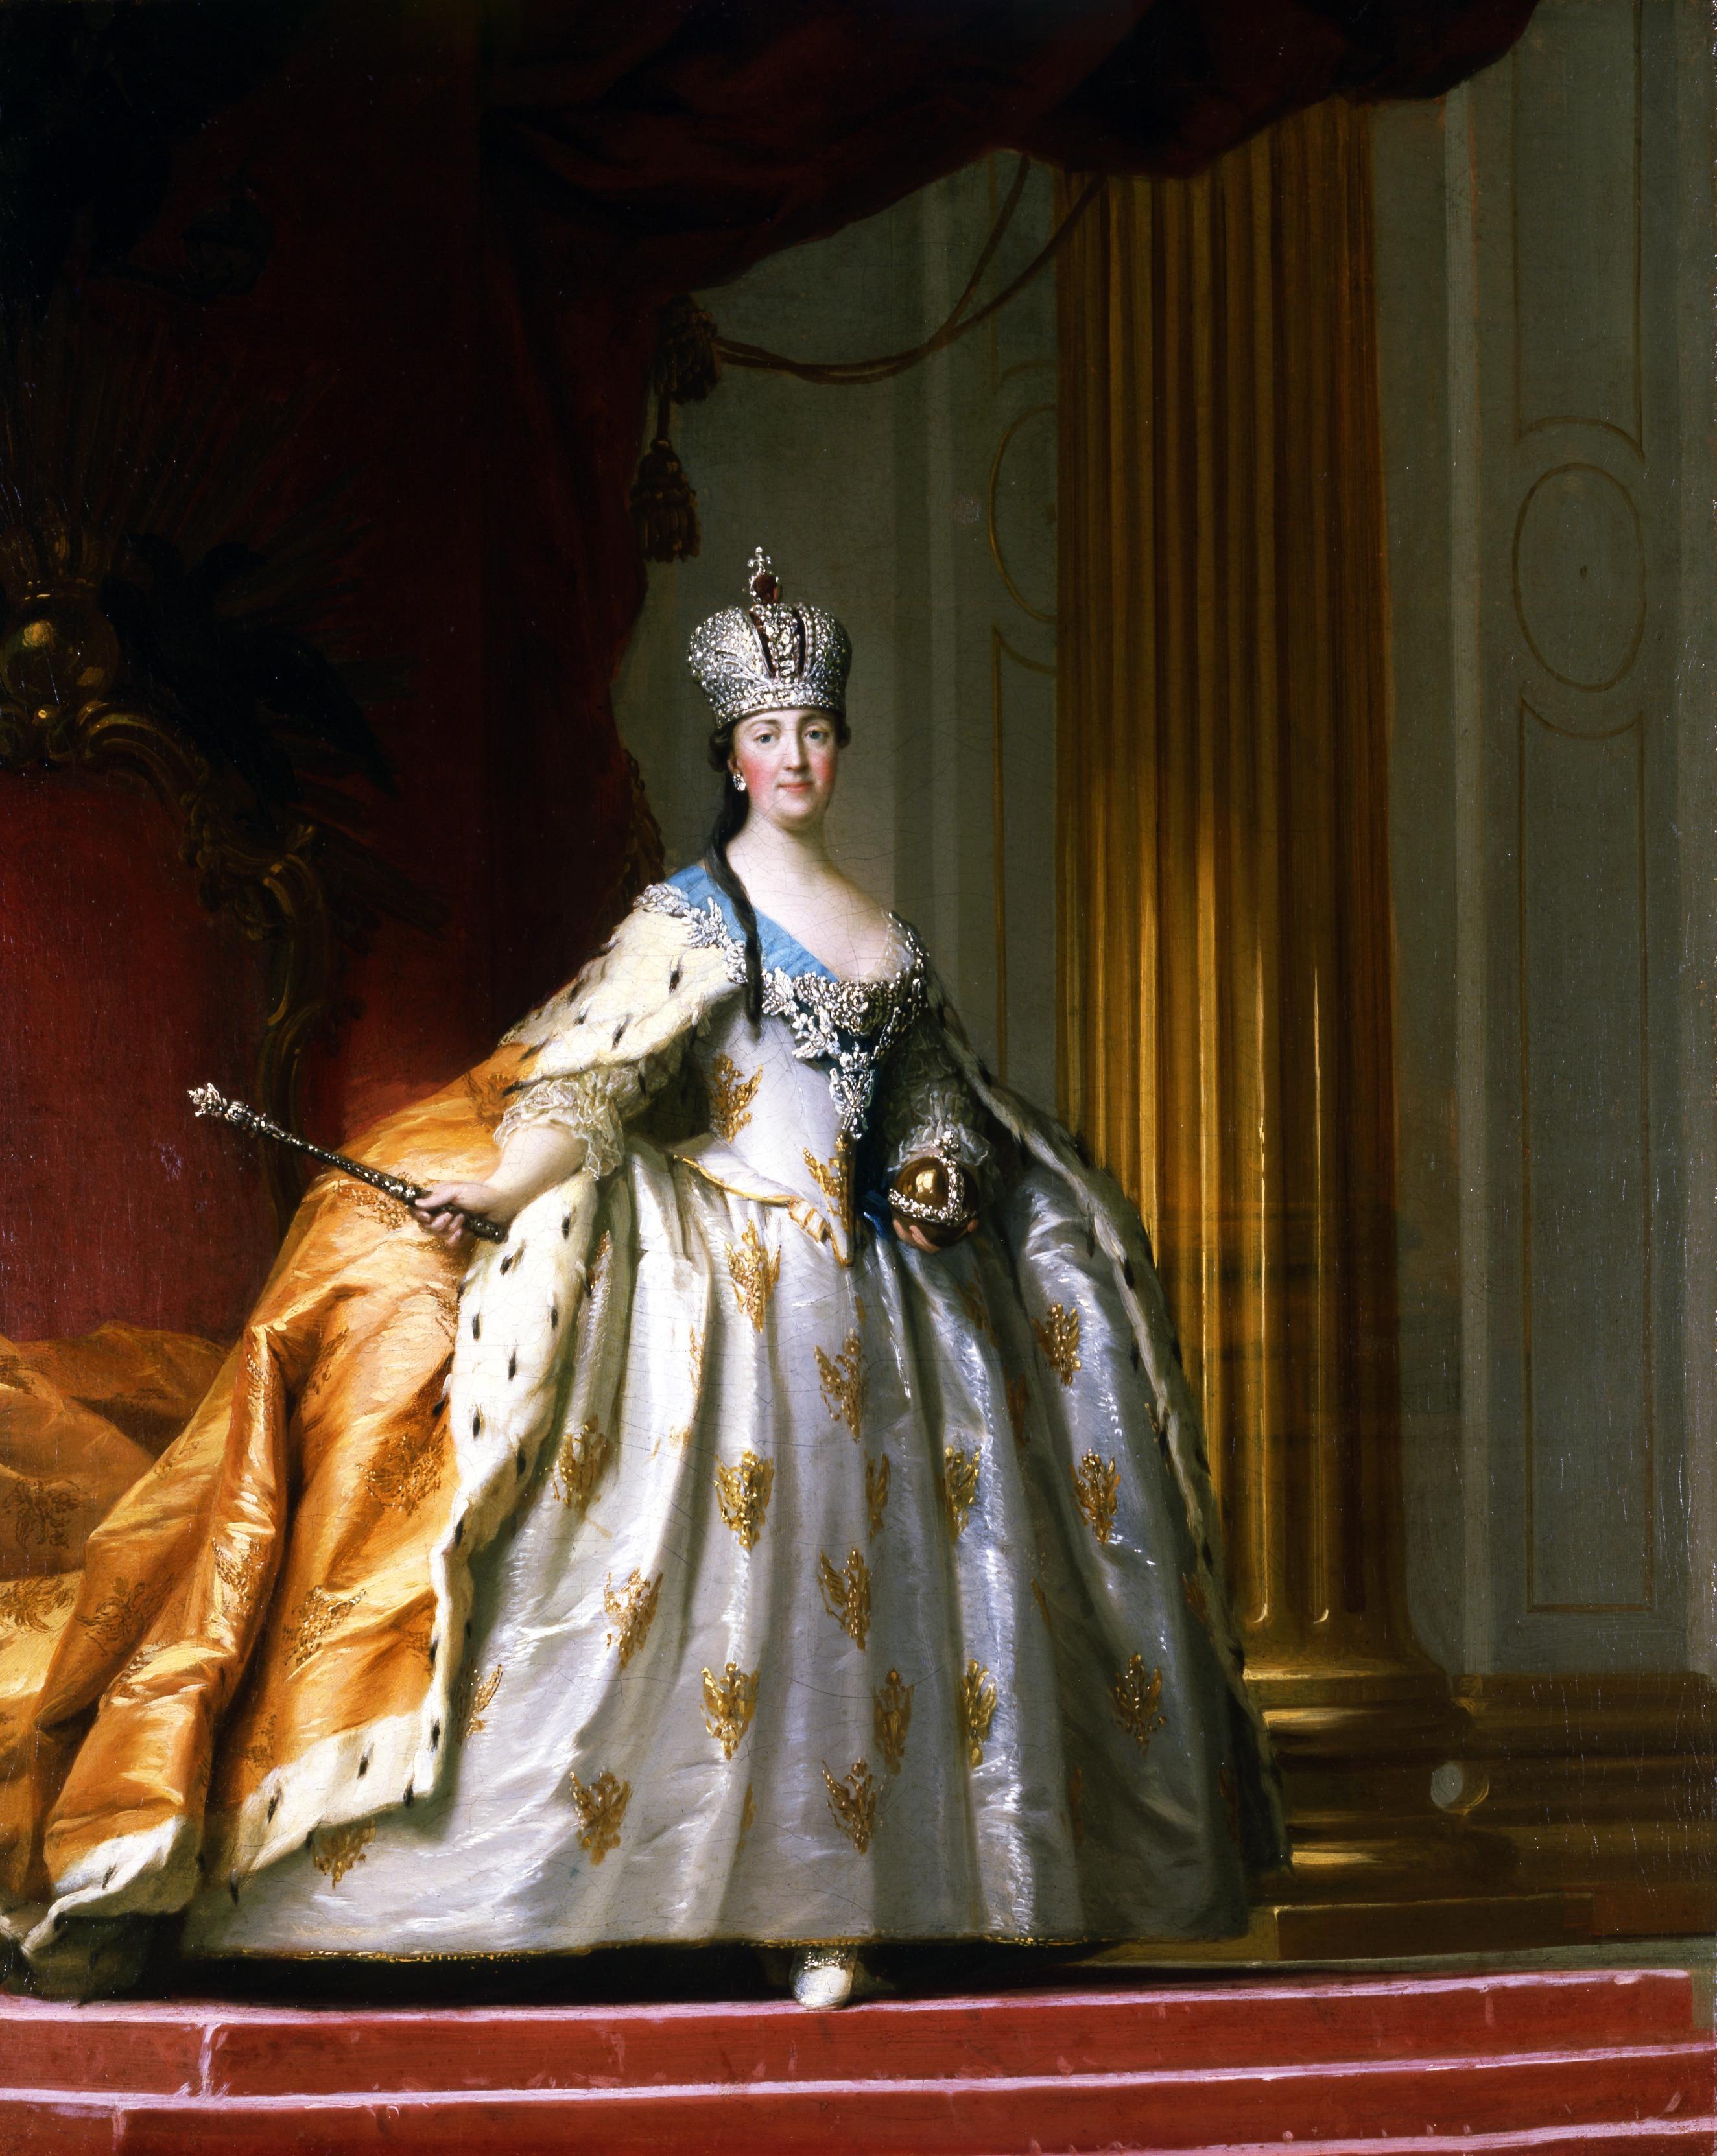 11d7e088 kvinne portrett kunstnerisk mote klær dame maleri Kunst kjole berømt  keiserinne historisk Russland drakt kjole scenekunst